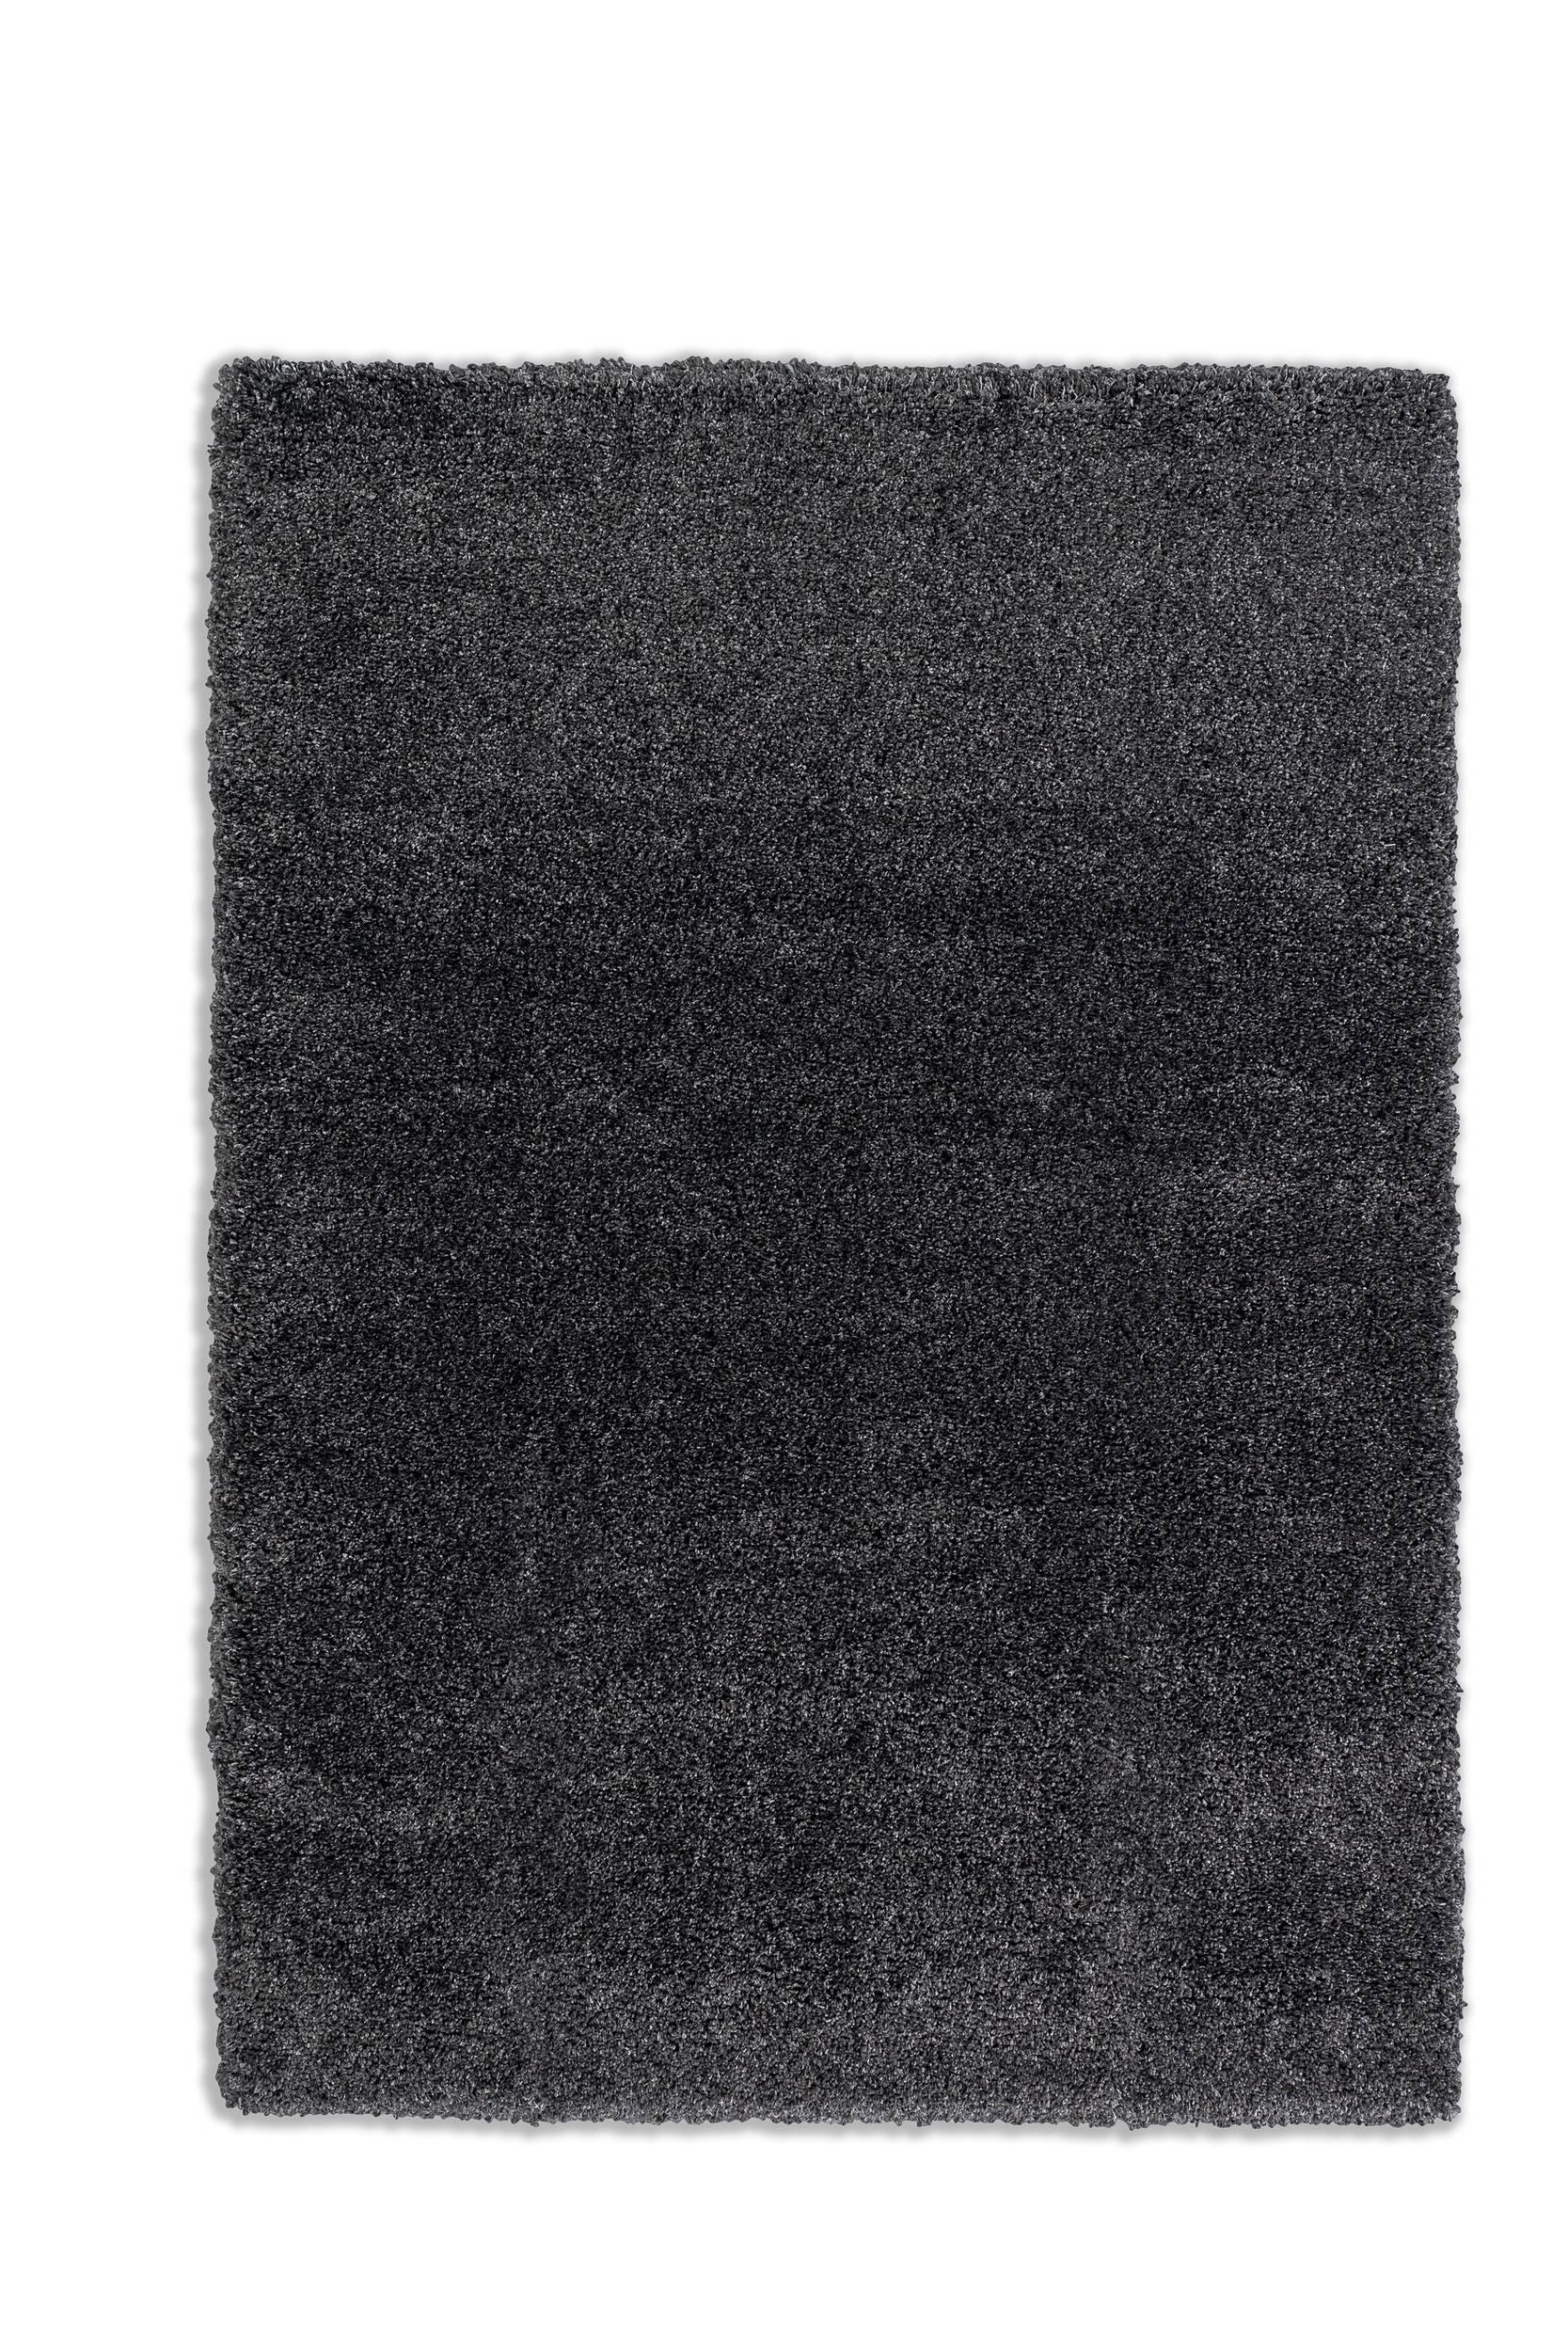 Teppich 80x150cm sw wm  SAVAGE